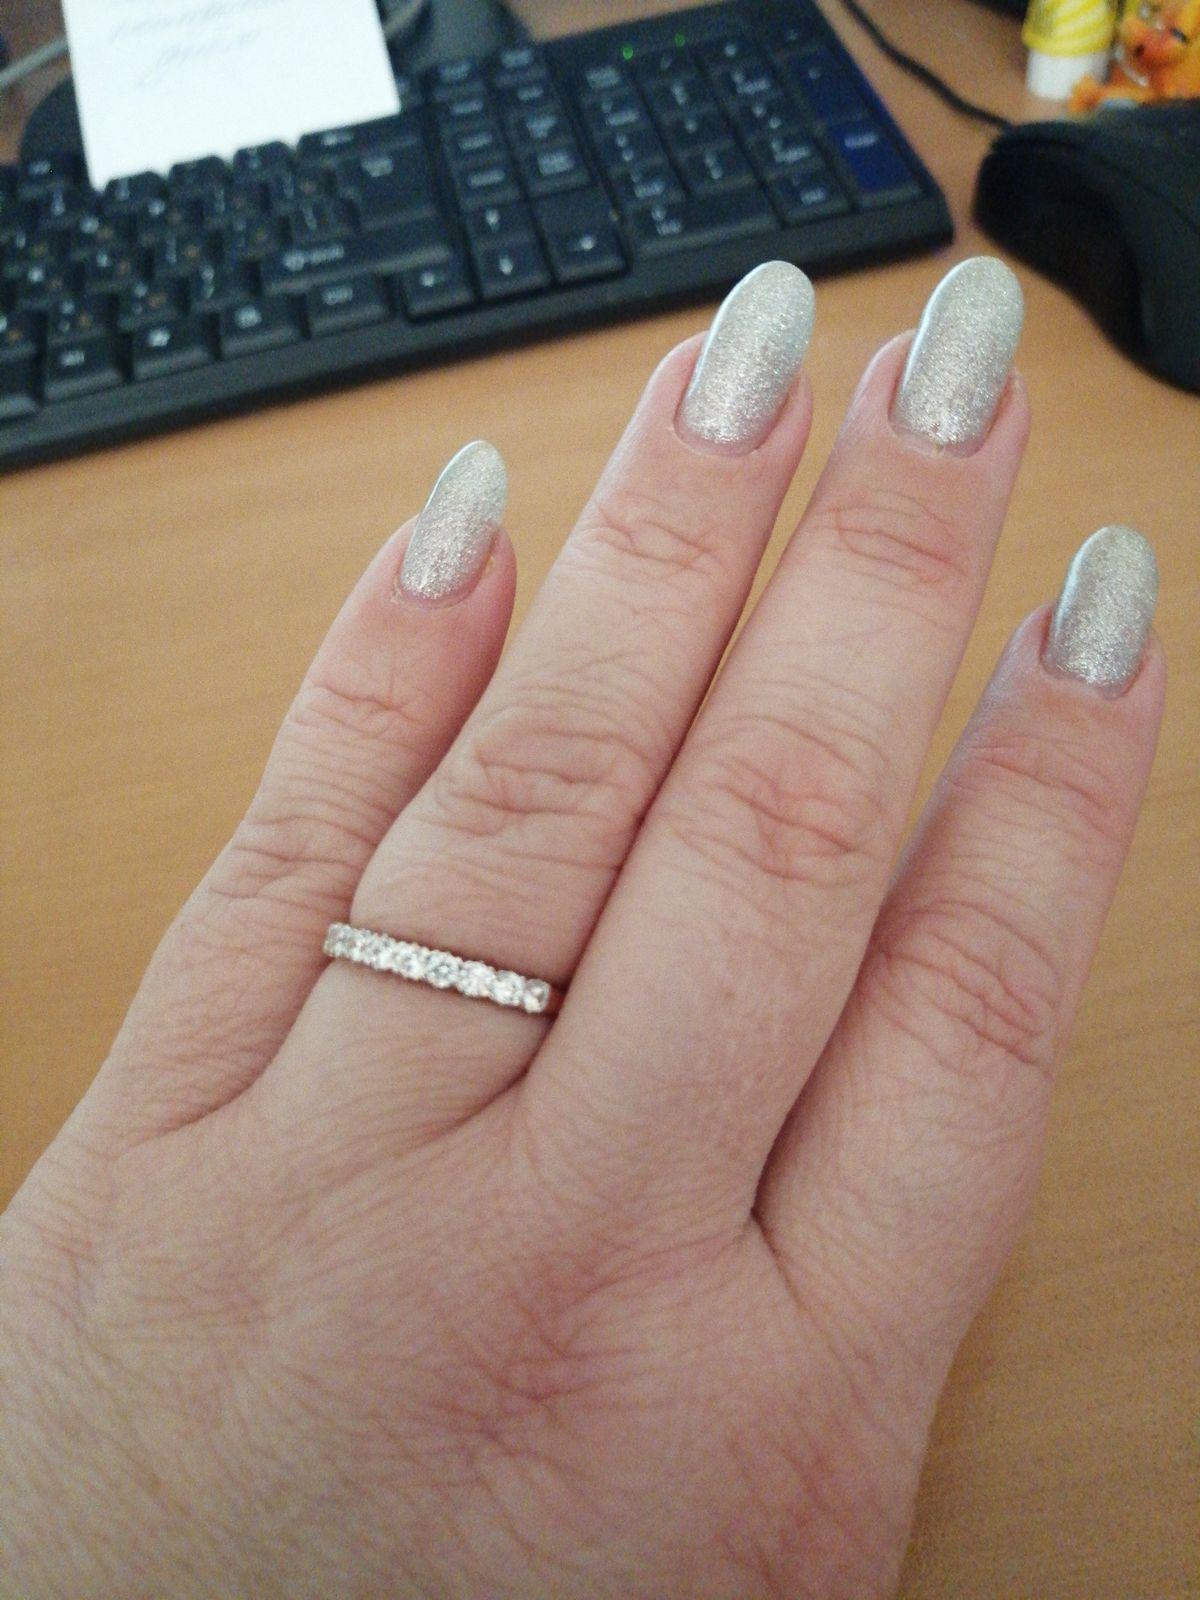 Кольцо  волшебное, на руке смотрится великолепно